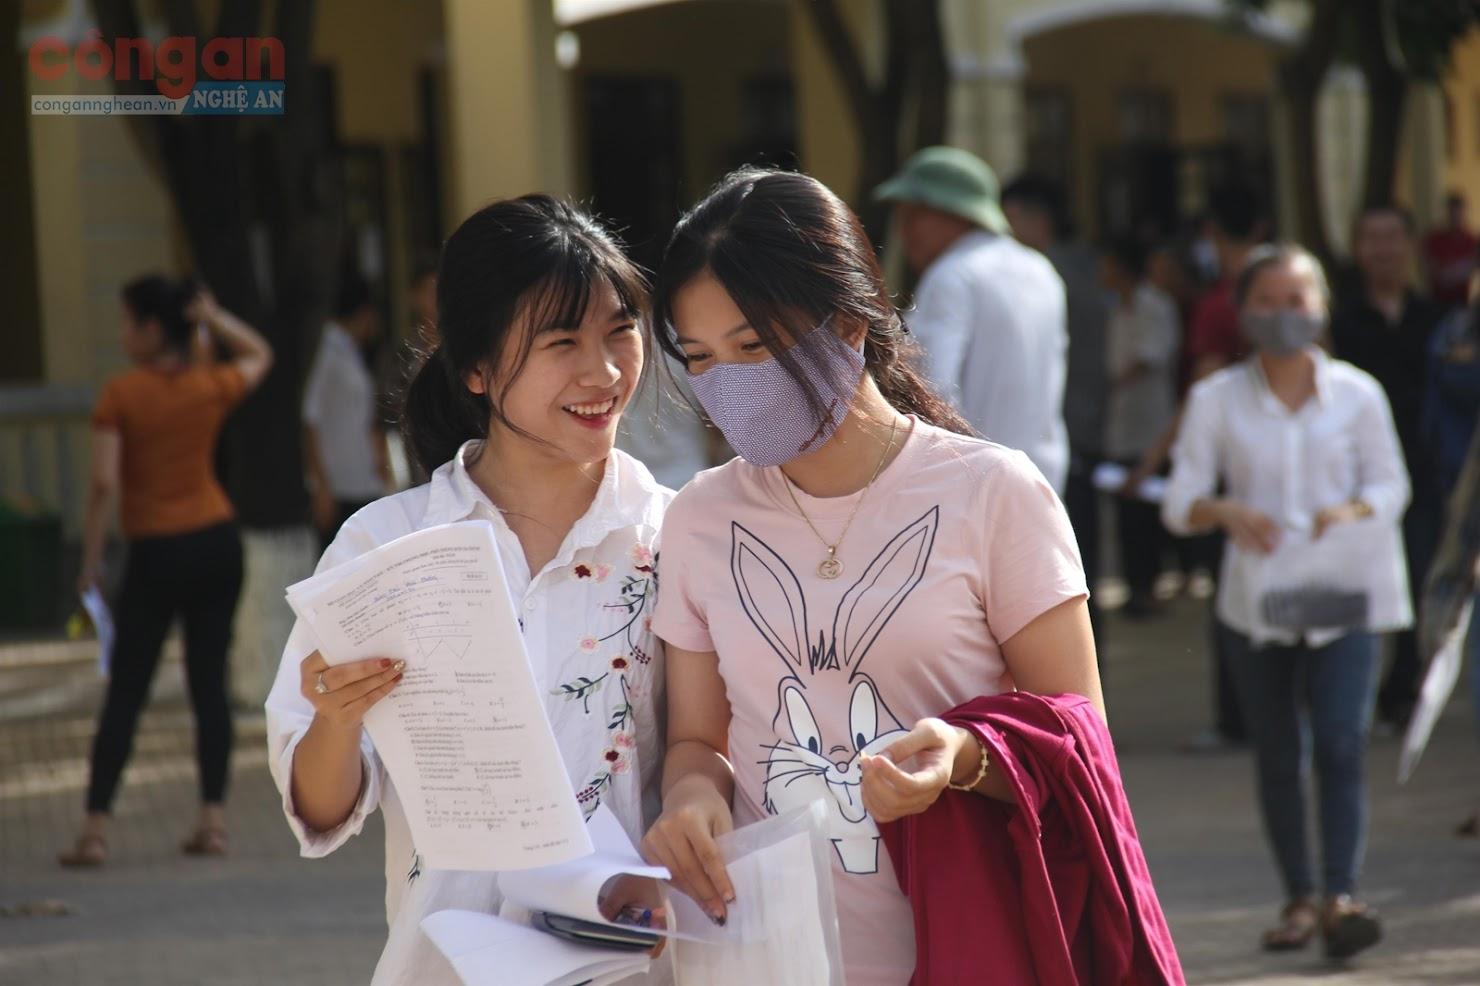 Các thí sinh Nghệ An dự thi THPT Quốc gia năm 2019